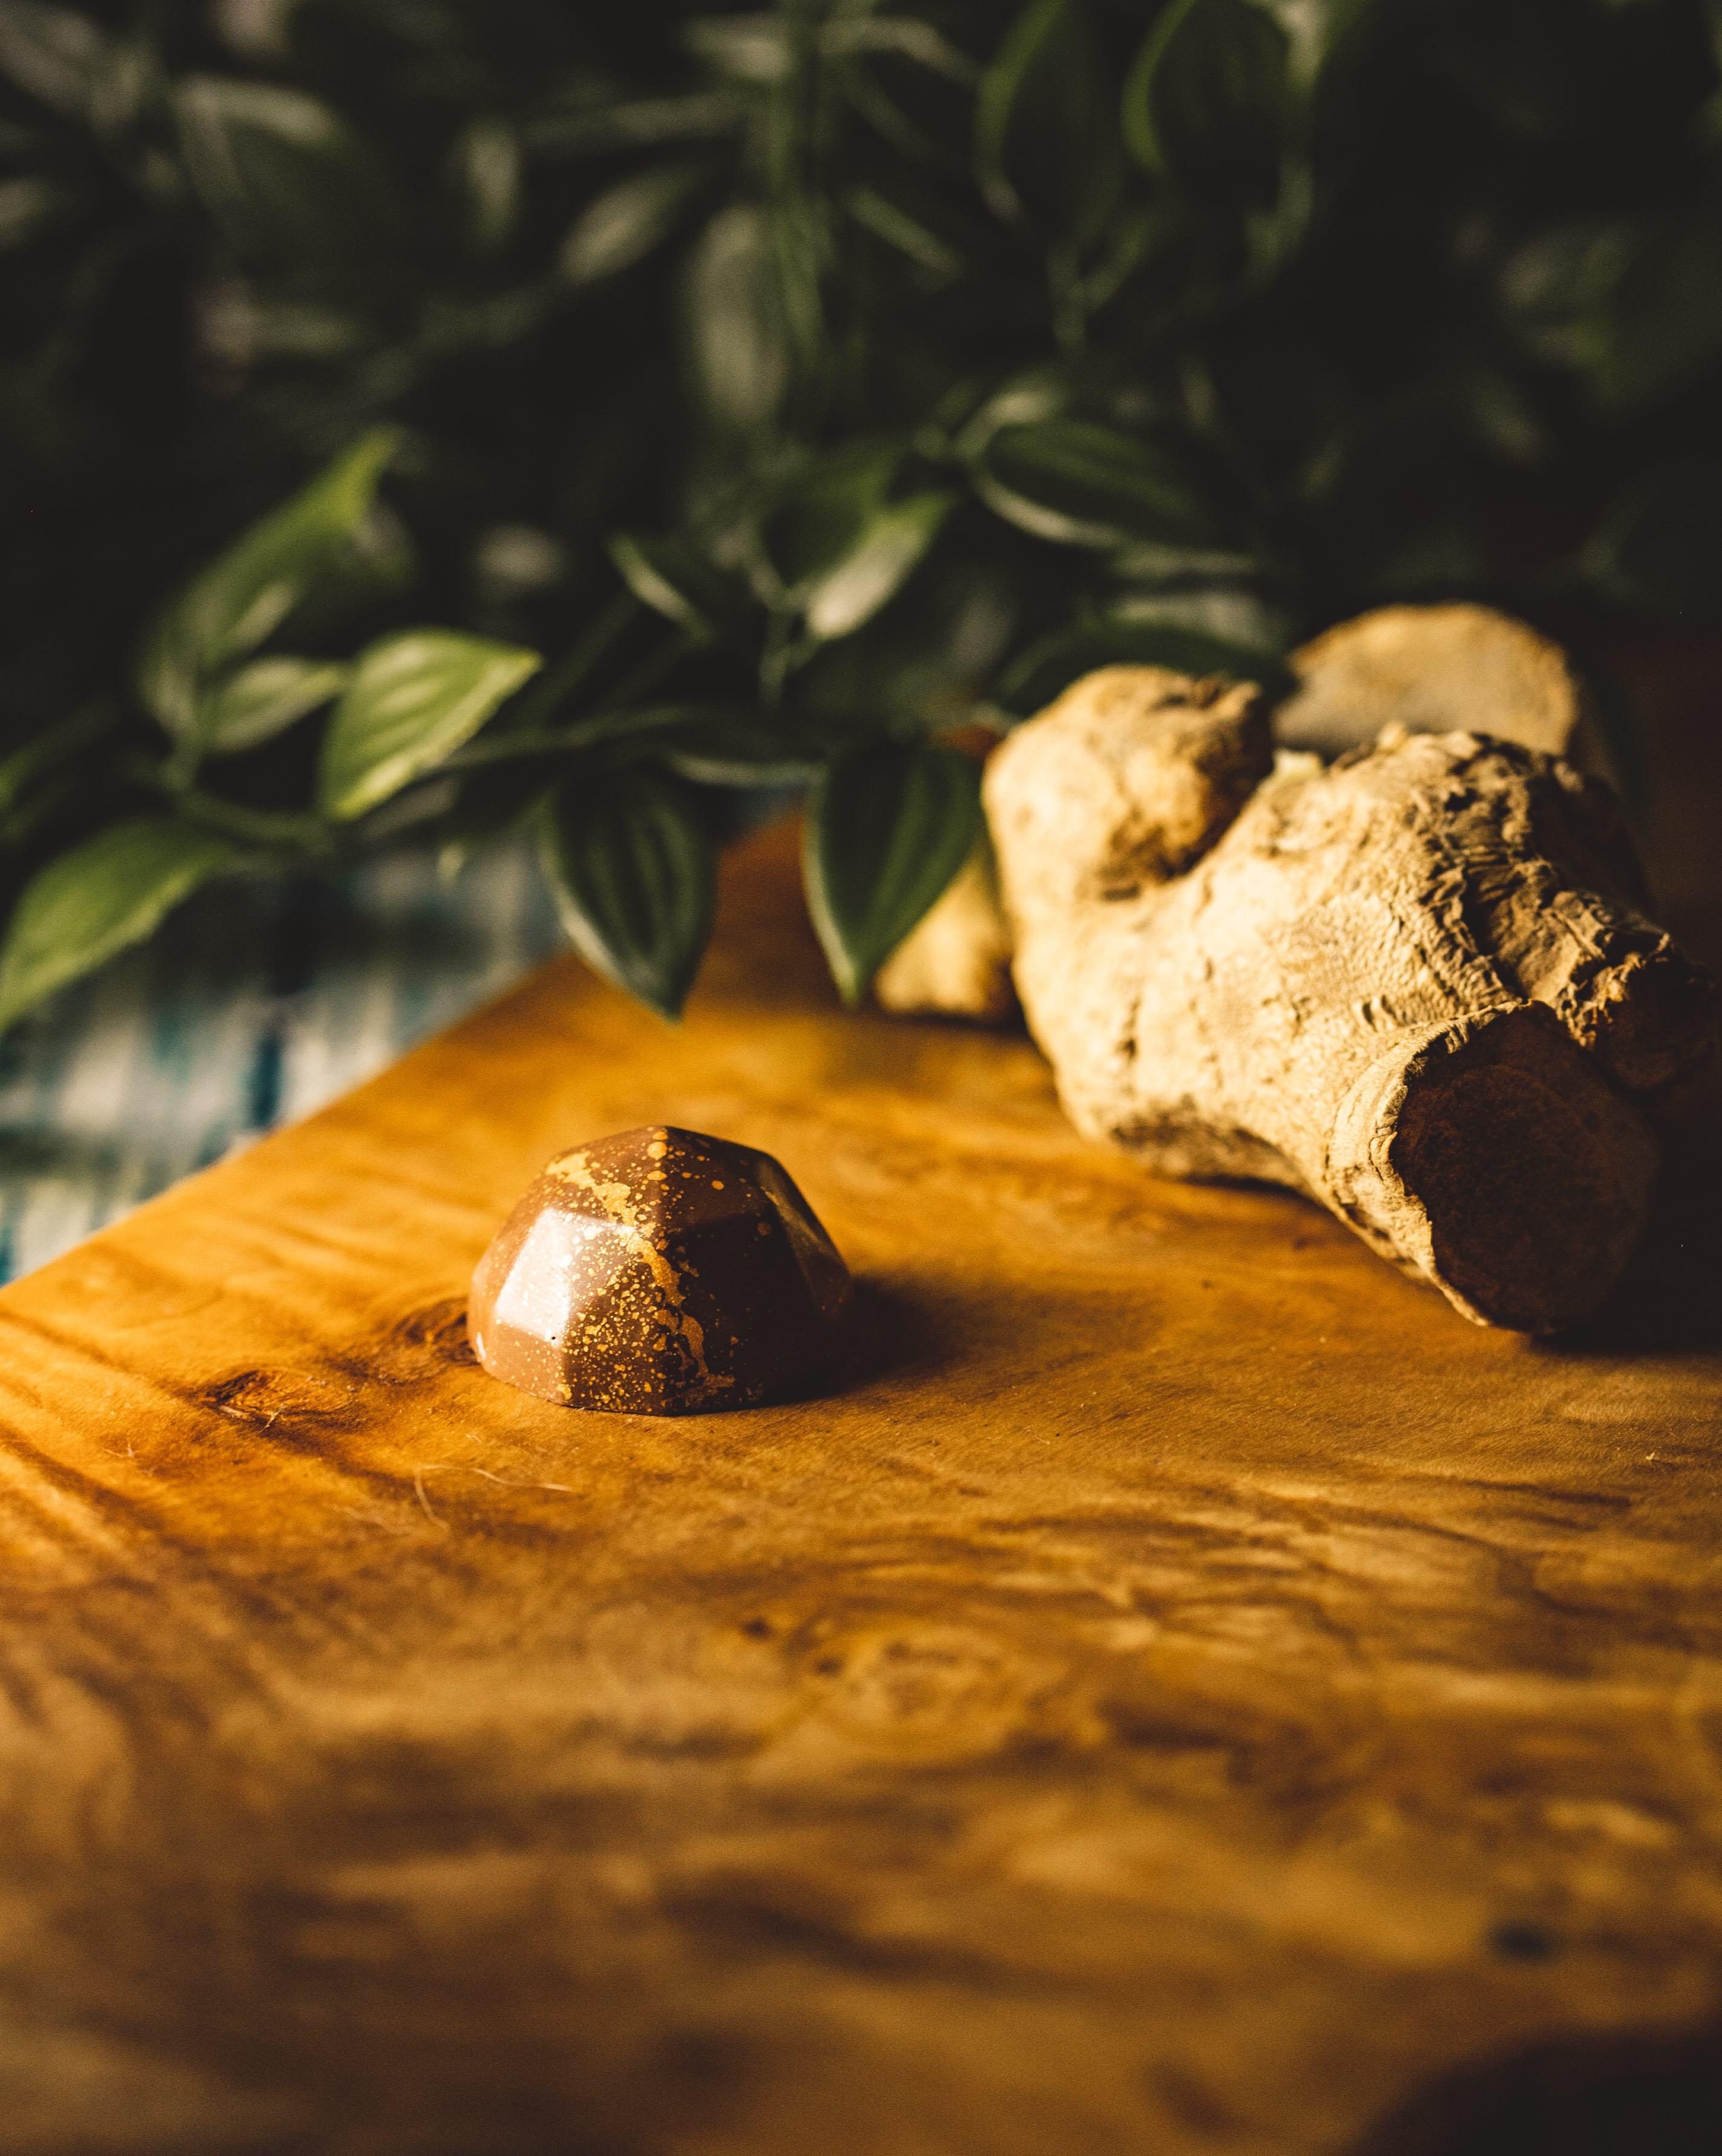 Milk Chocolate Stem Ginger truffle.